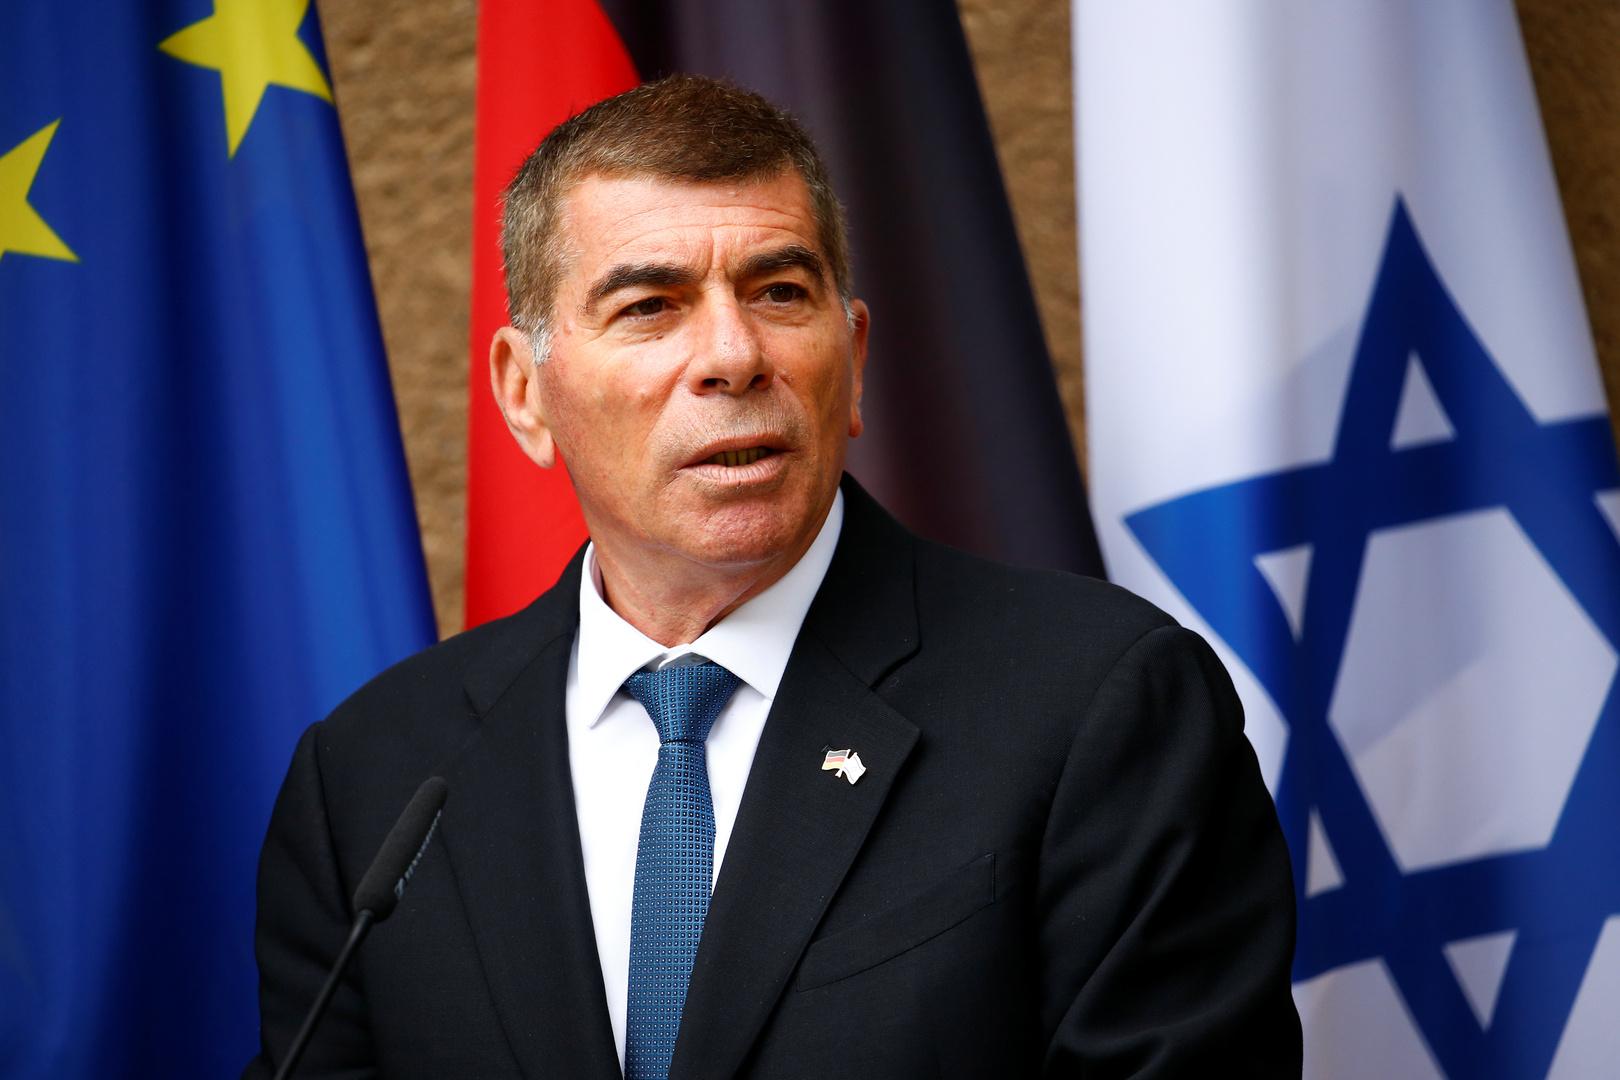 لأول مرة.. وزير خارجية إسرائيل يبحث العلاقات الدبلوماسية مع كوسوفو